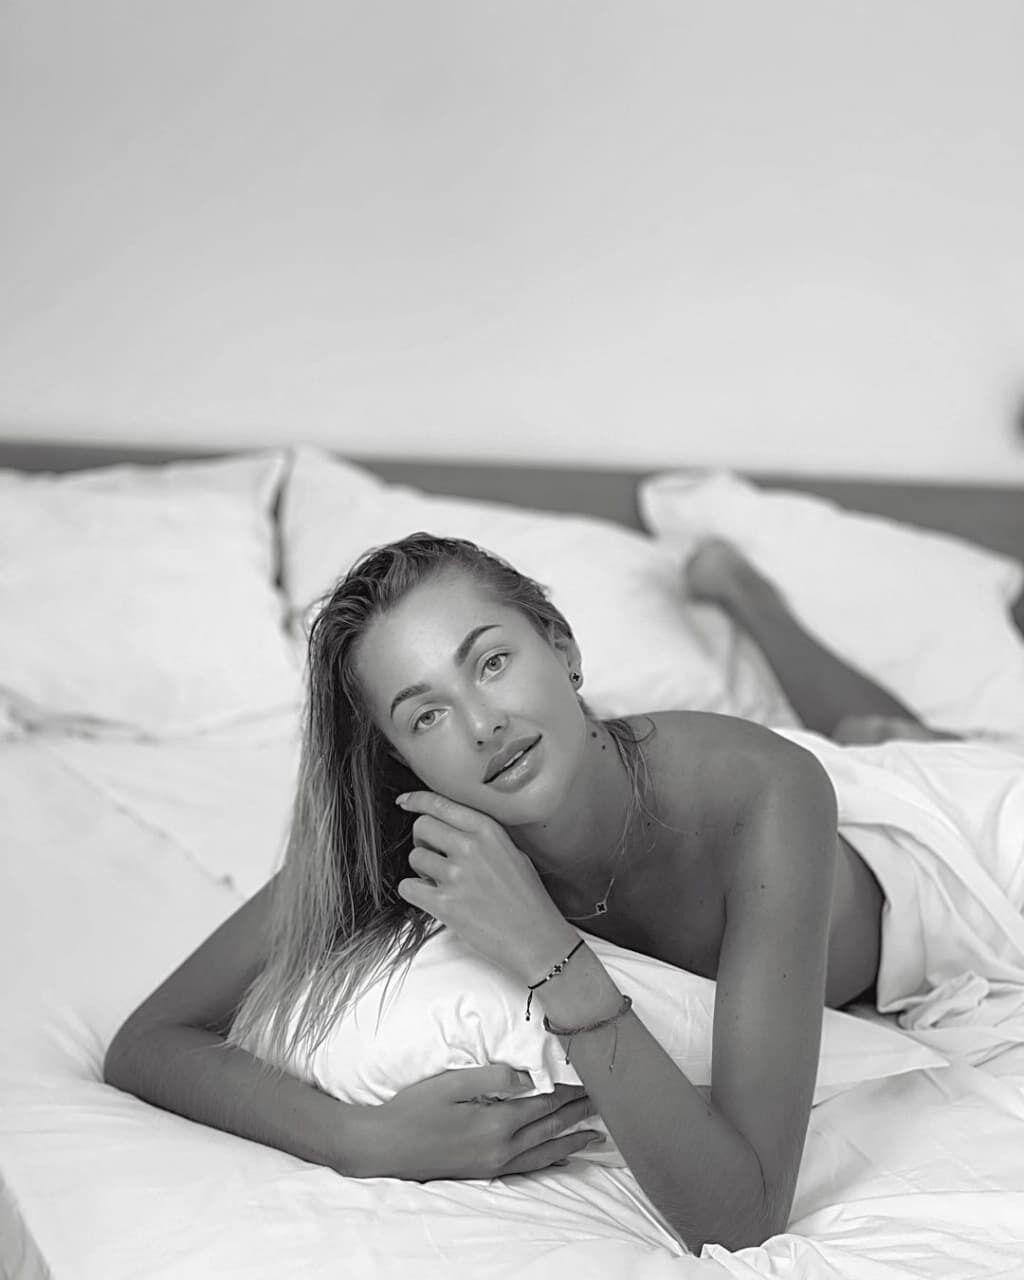 Людмила Осачук знялася в чорно-білому кольорі